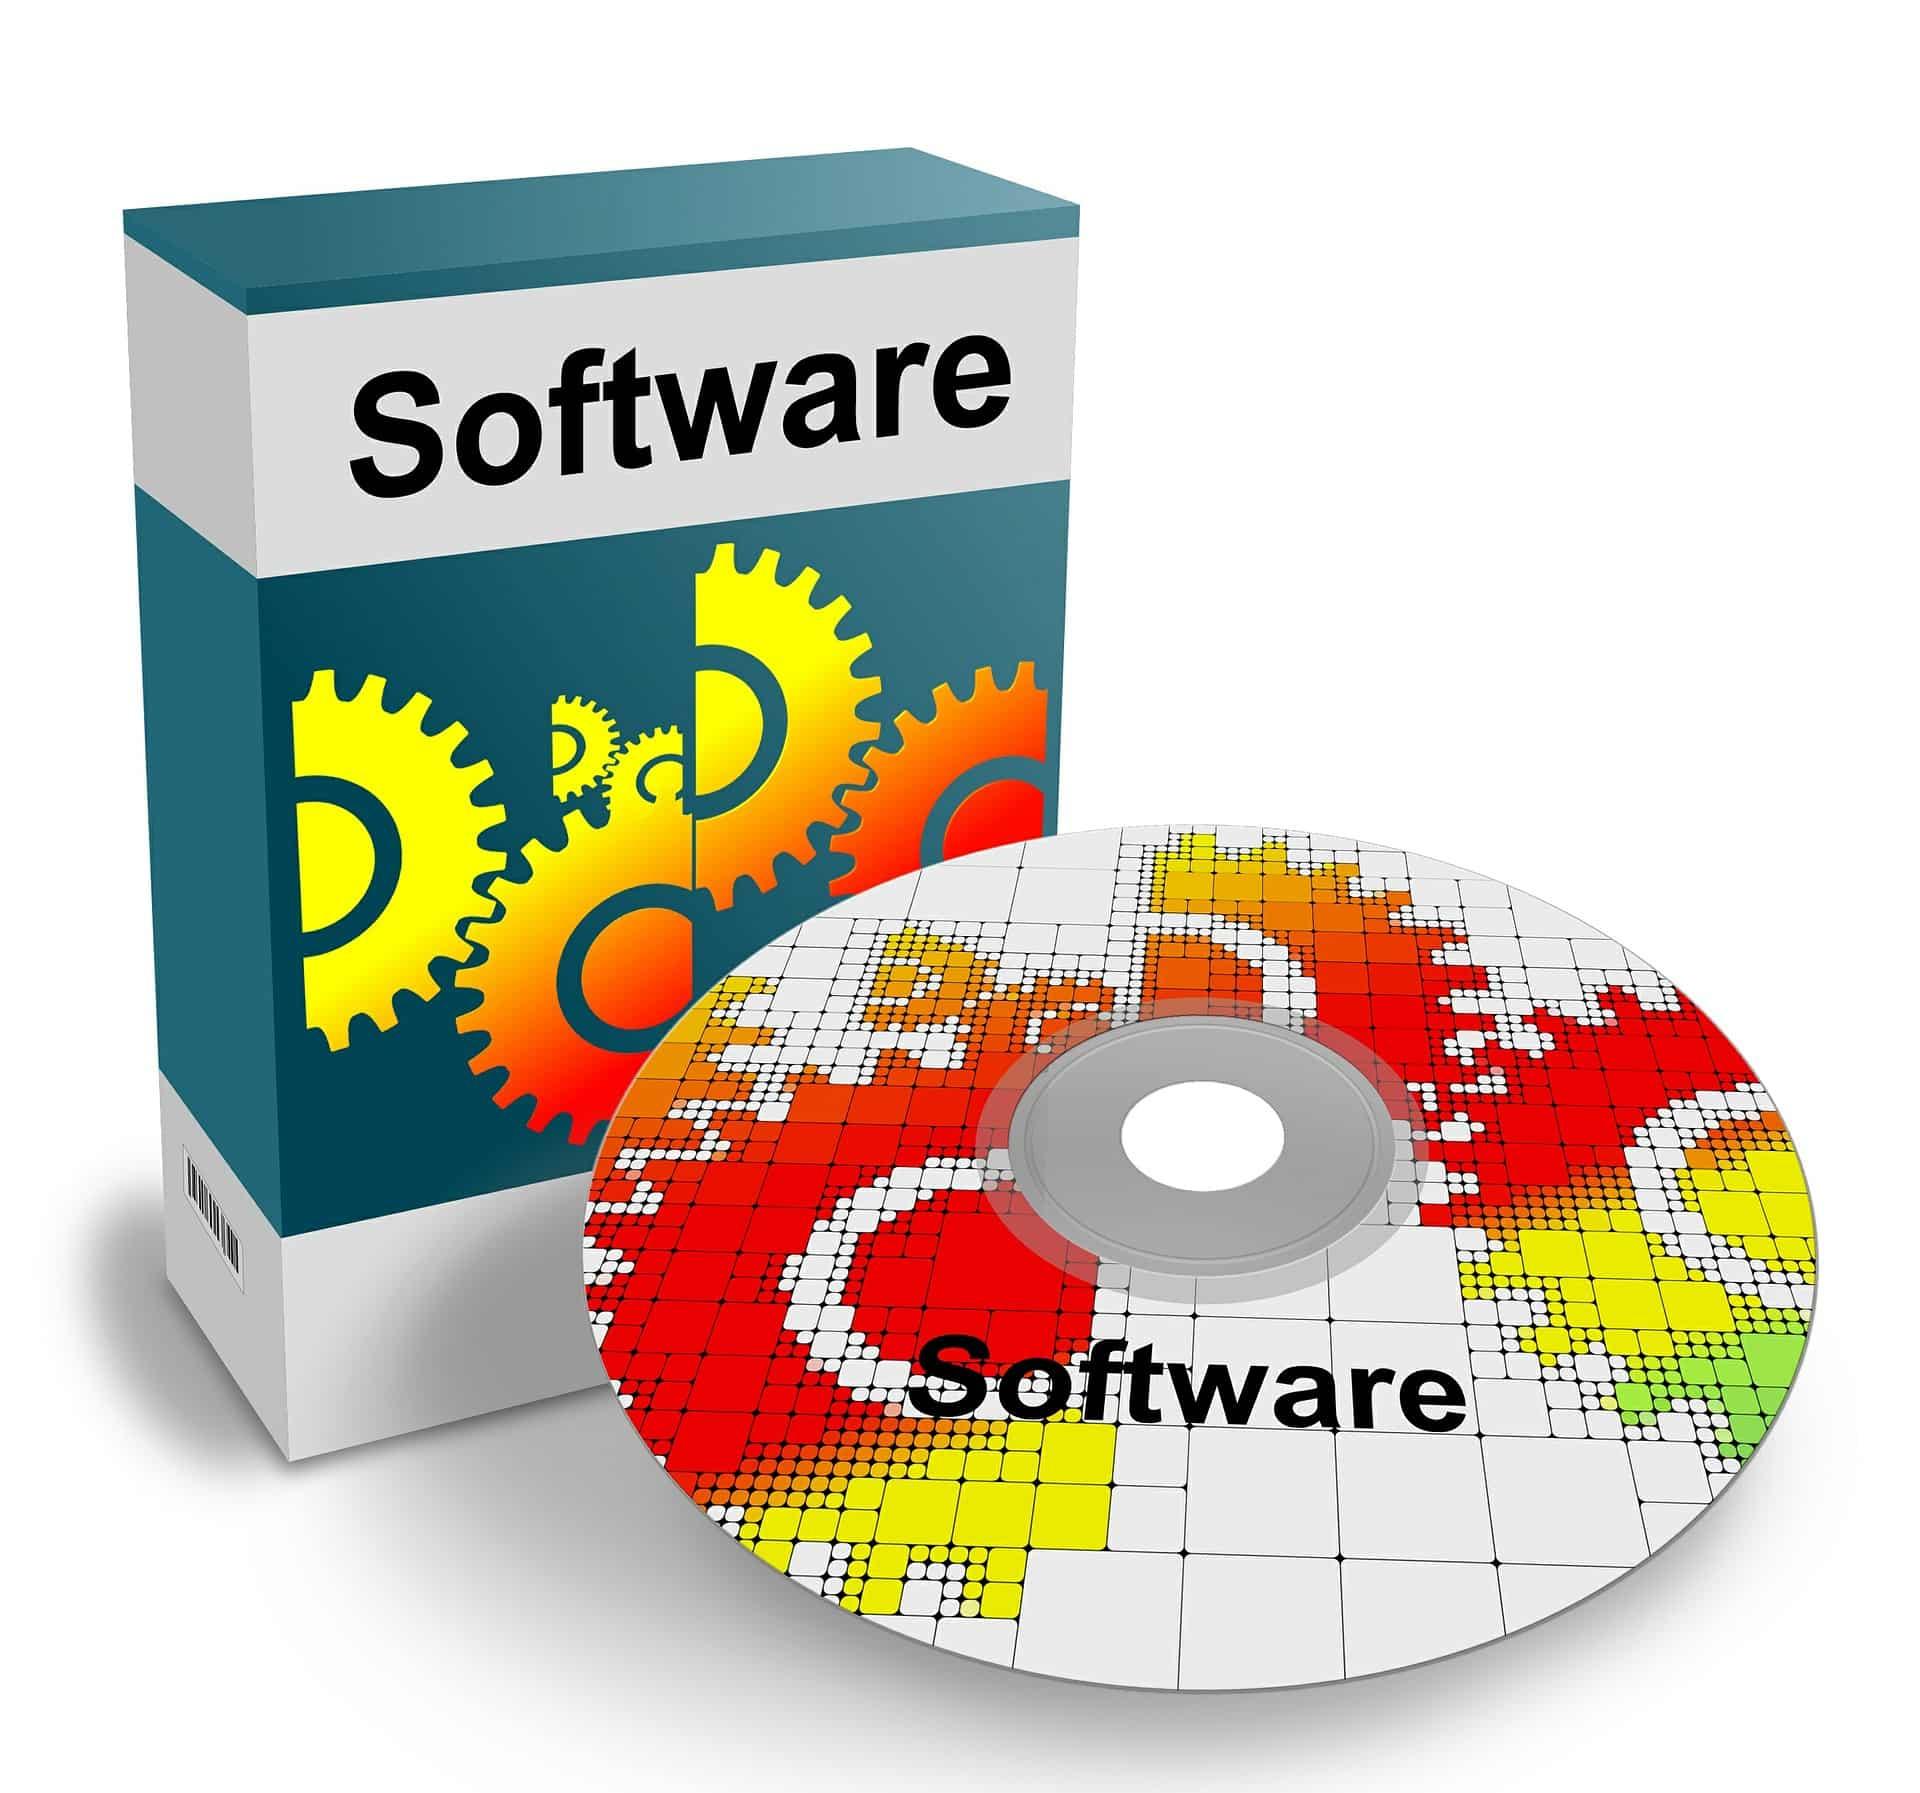 Je nach Branche und Arbeitsbereich benötigen Selbstständige unterschiedliche Formen von Software. Einige Basics sind jedoch allgemein interessant.